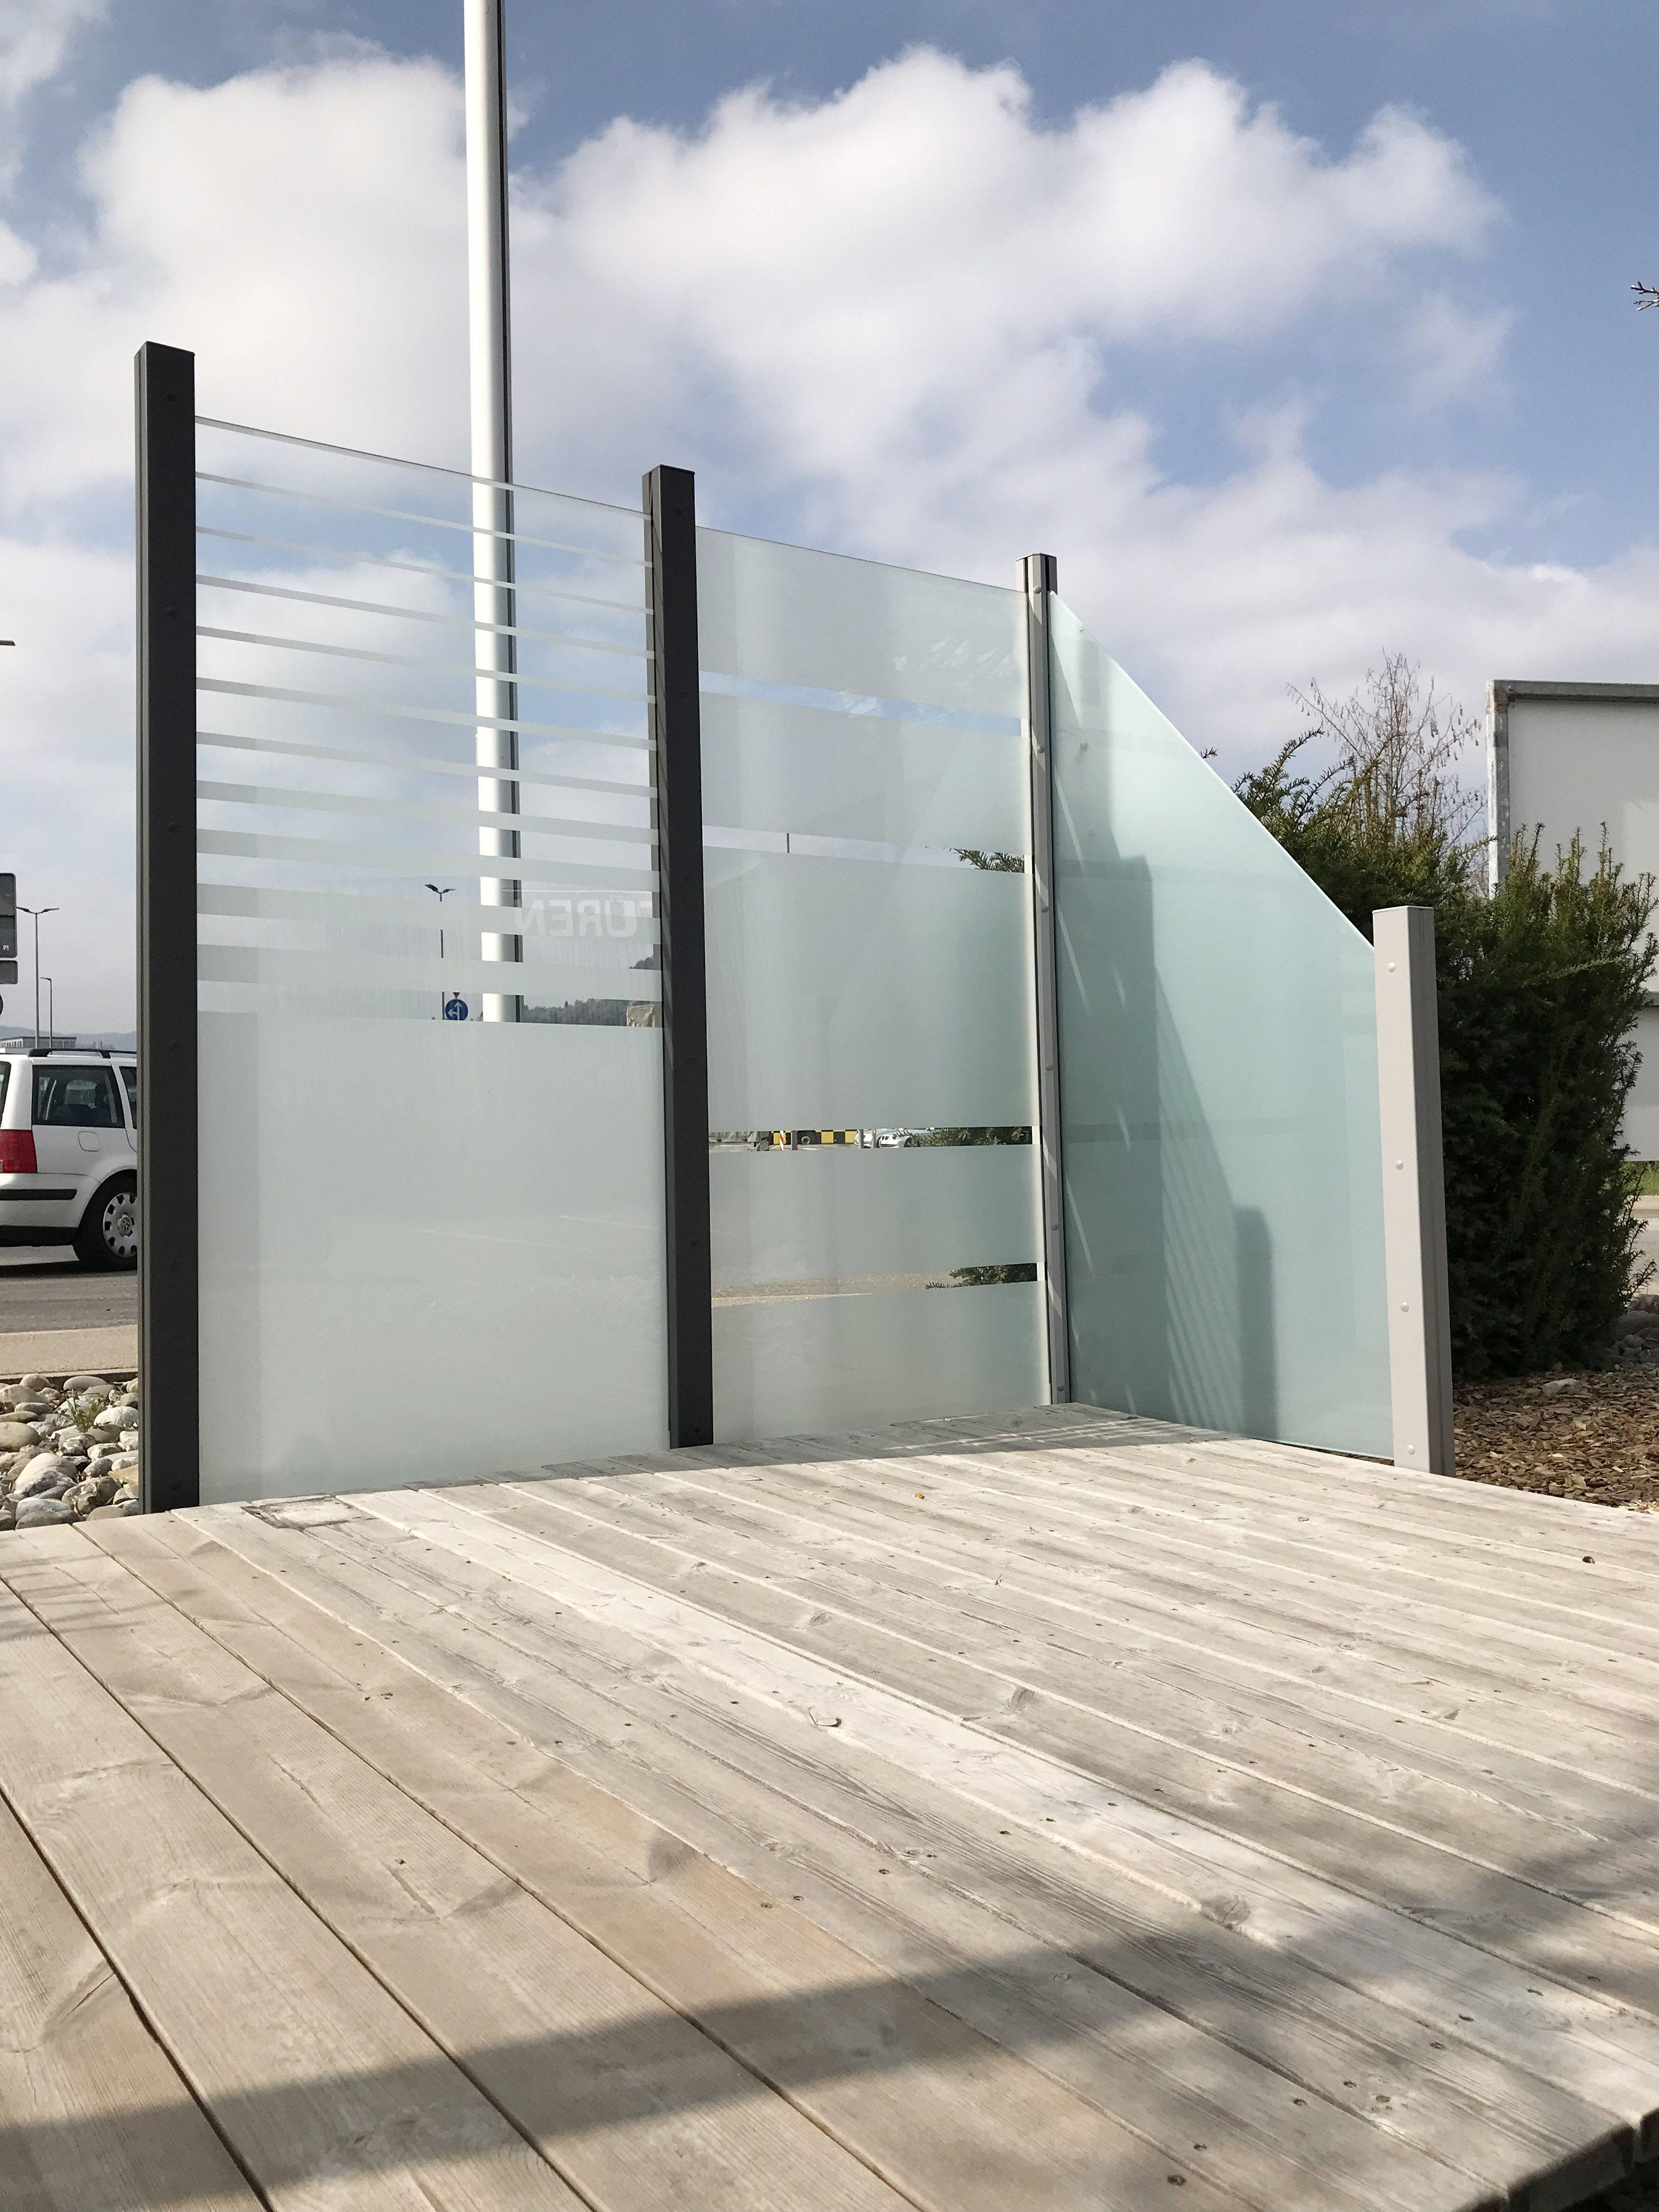 Pin Von Barbara Bernard Holt Auf Outdoor Remodel In 2020